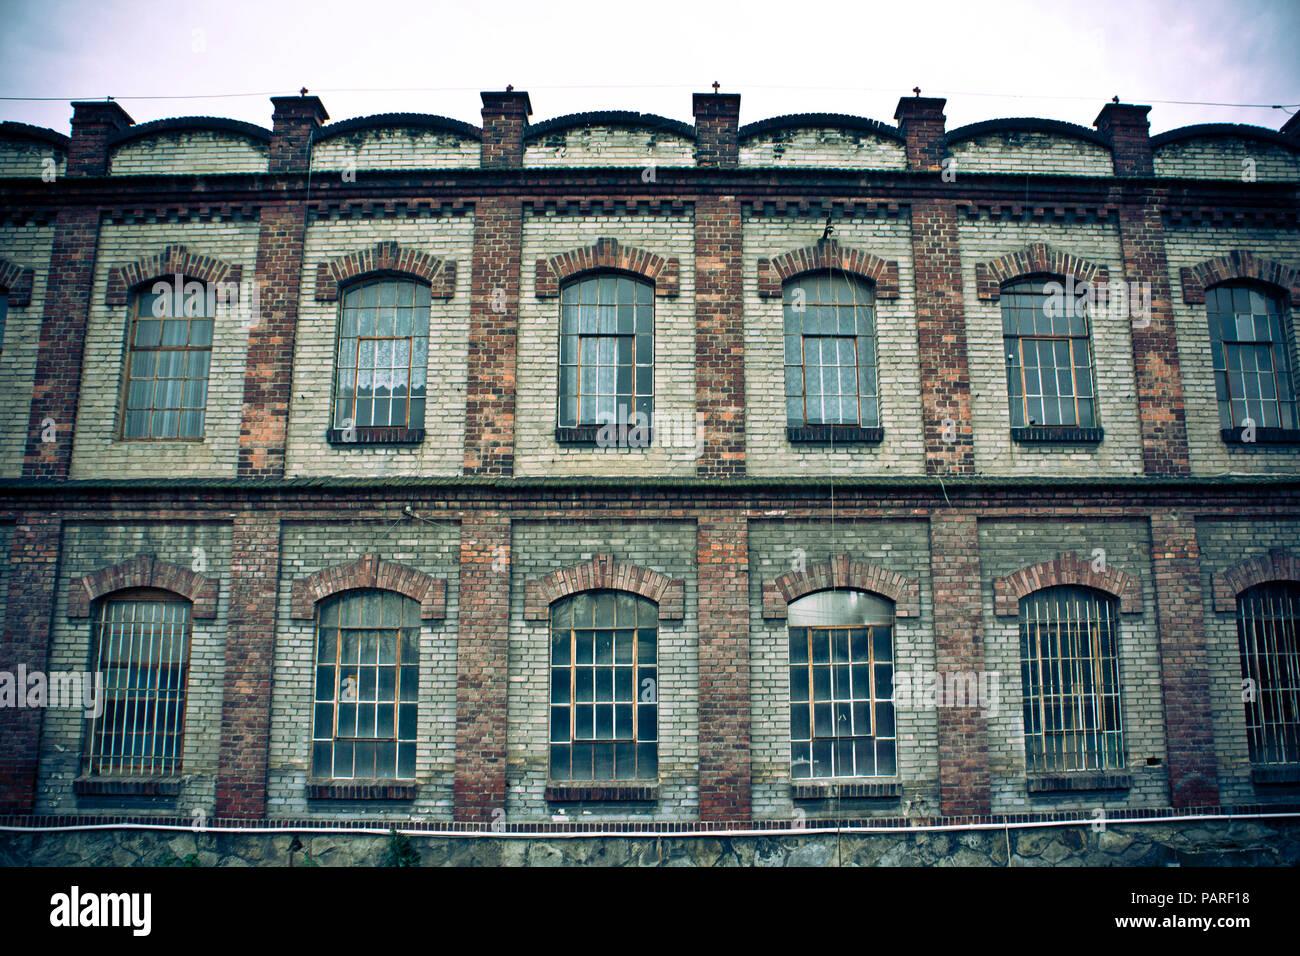 Filas de ventanas de un antiguo edificio abandonado Imagen De Stock